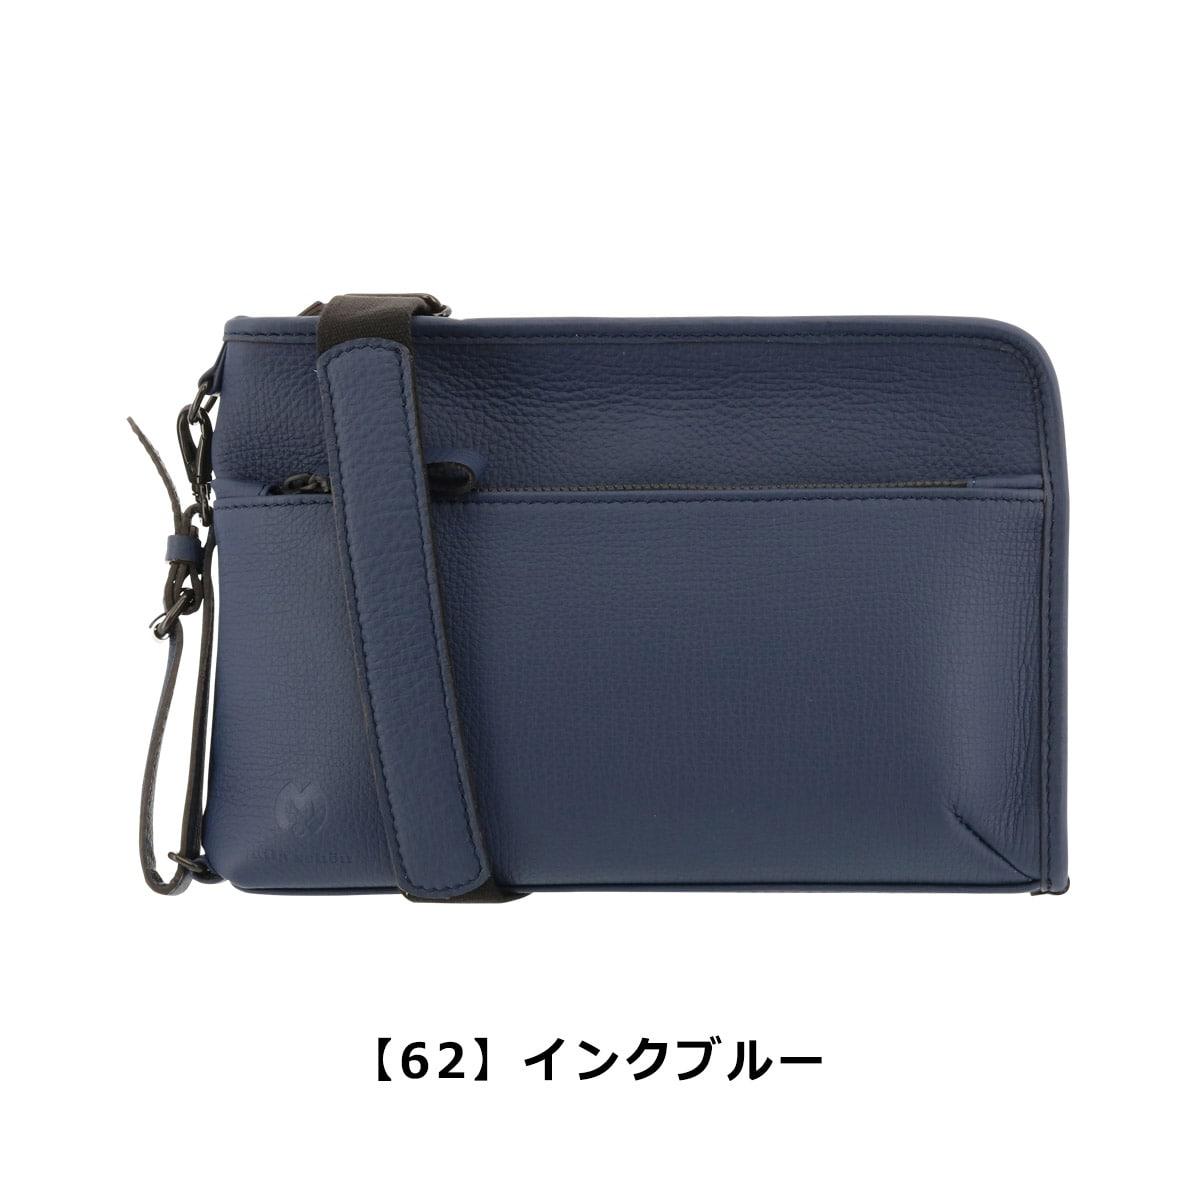 【62】インクブルー